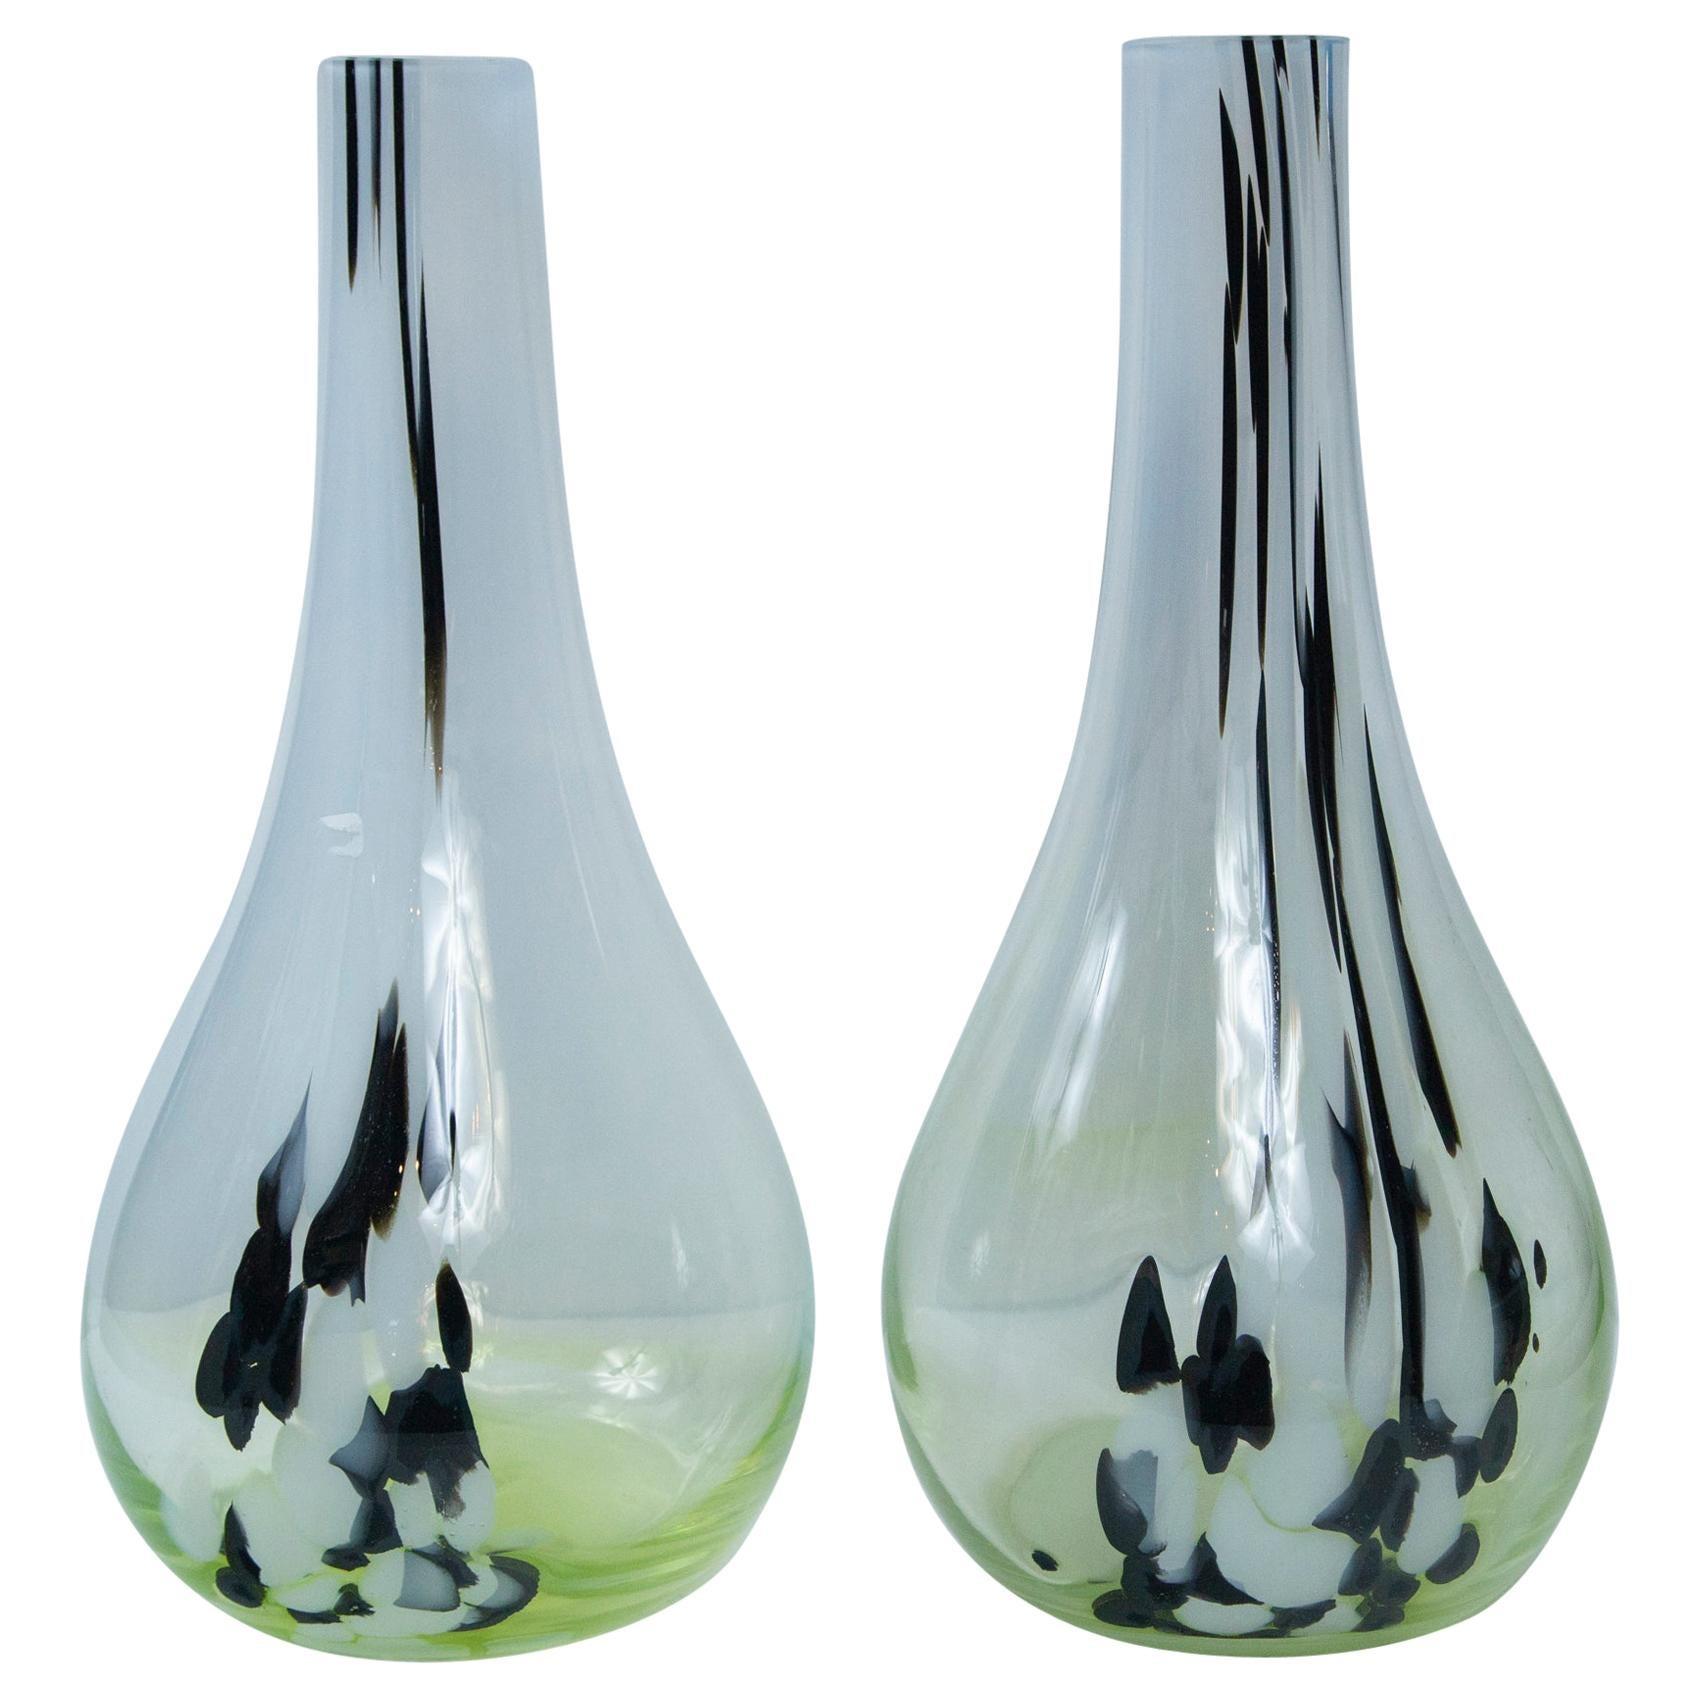 Pair of Murano Type Tall Neck Vases